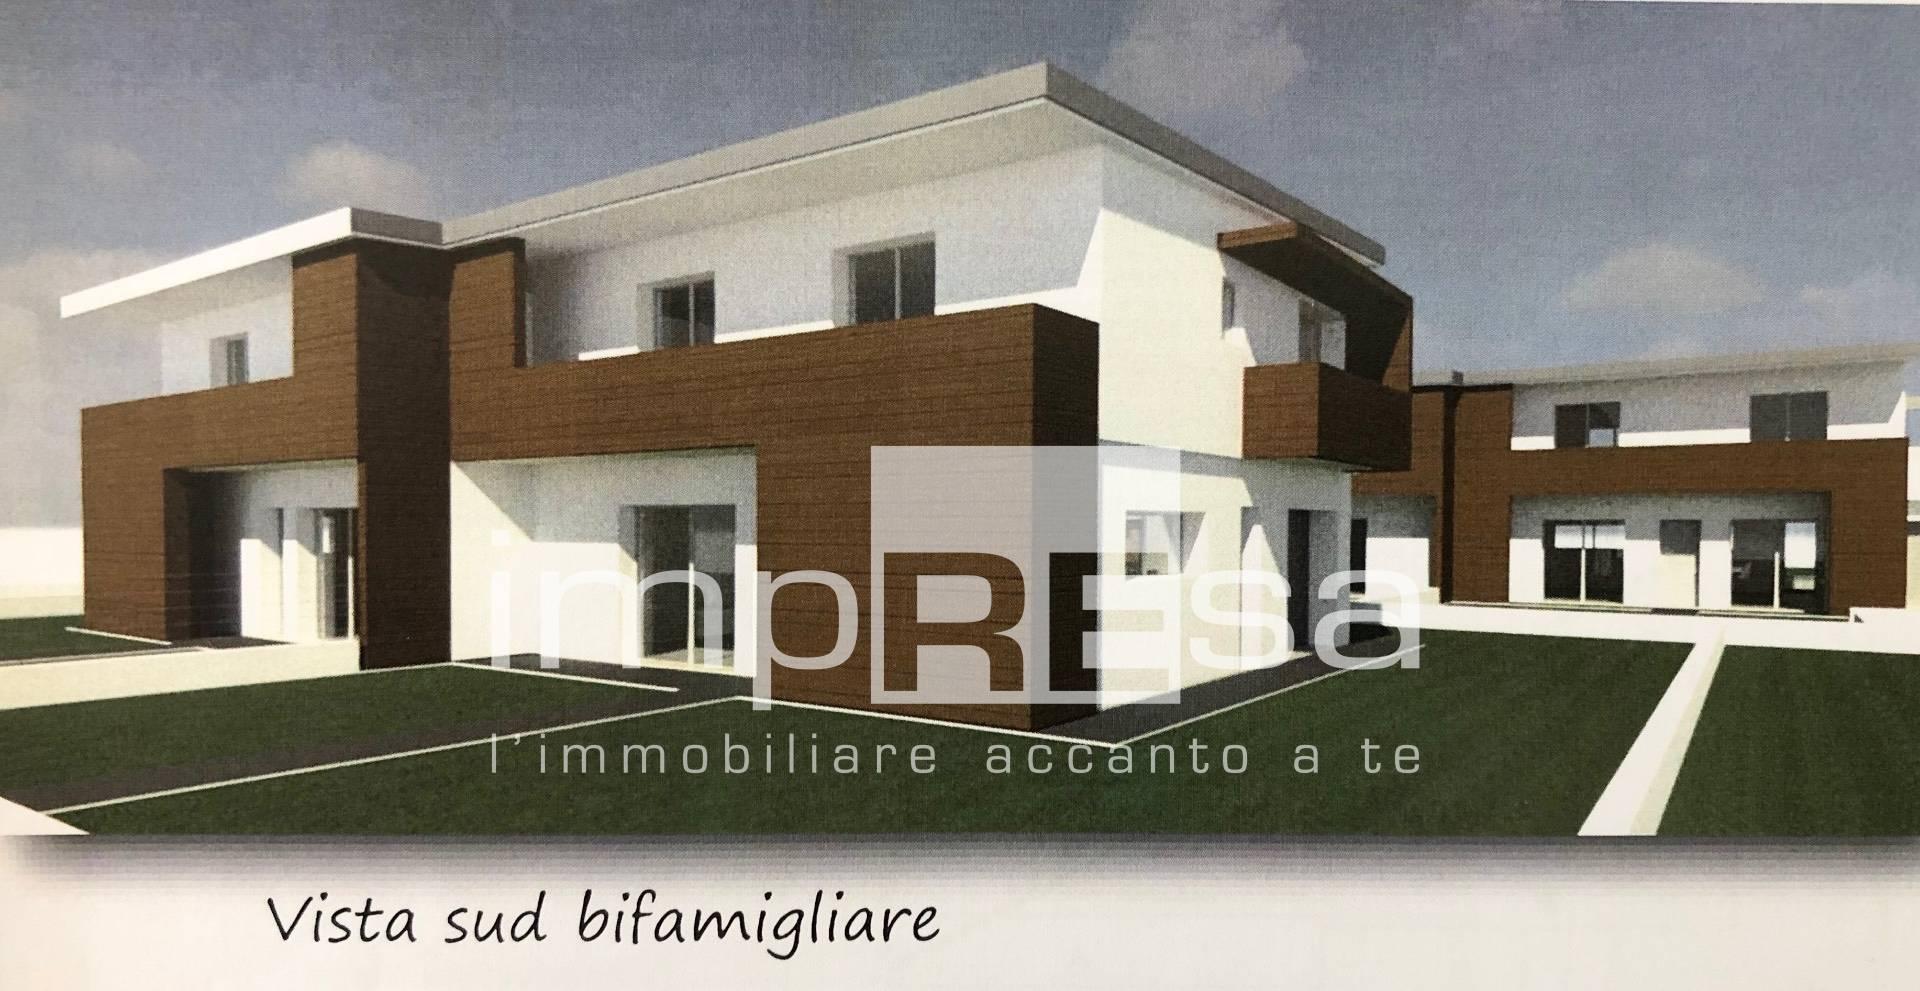 Comune Di Ponzano Veneto villa bifamiliare in vendita a ponzano veneto - zona: ponzano